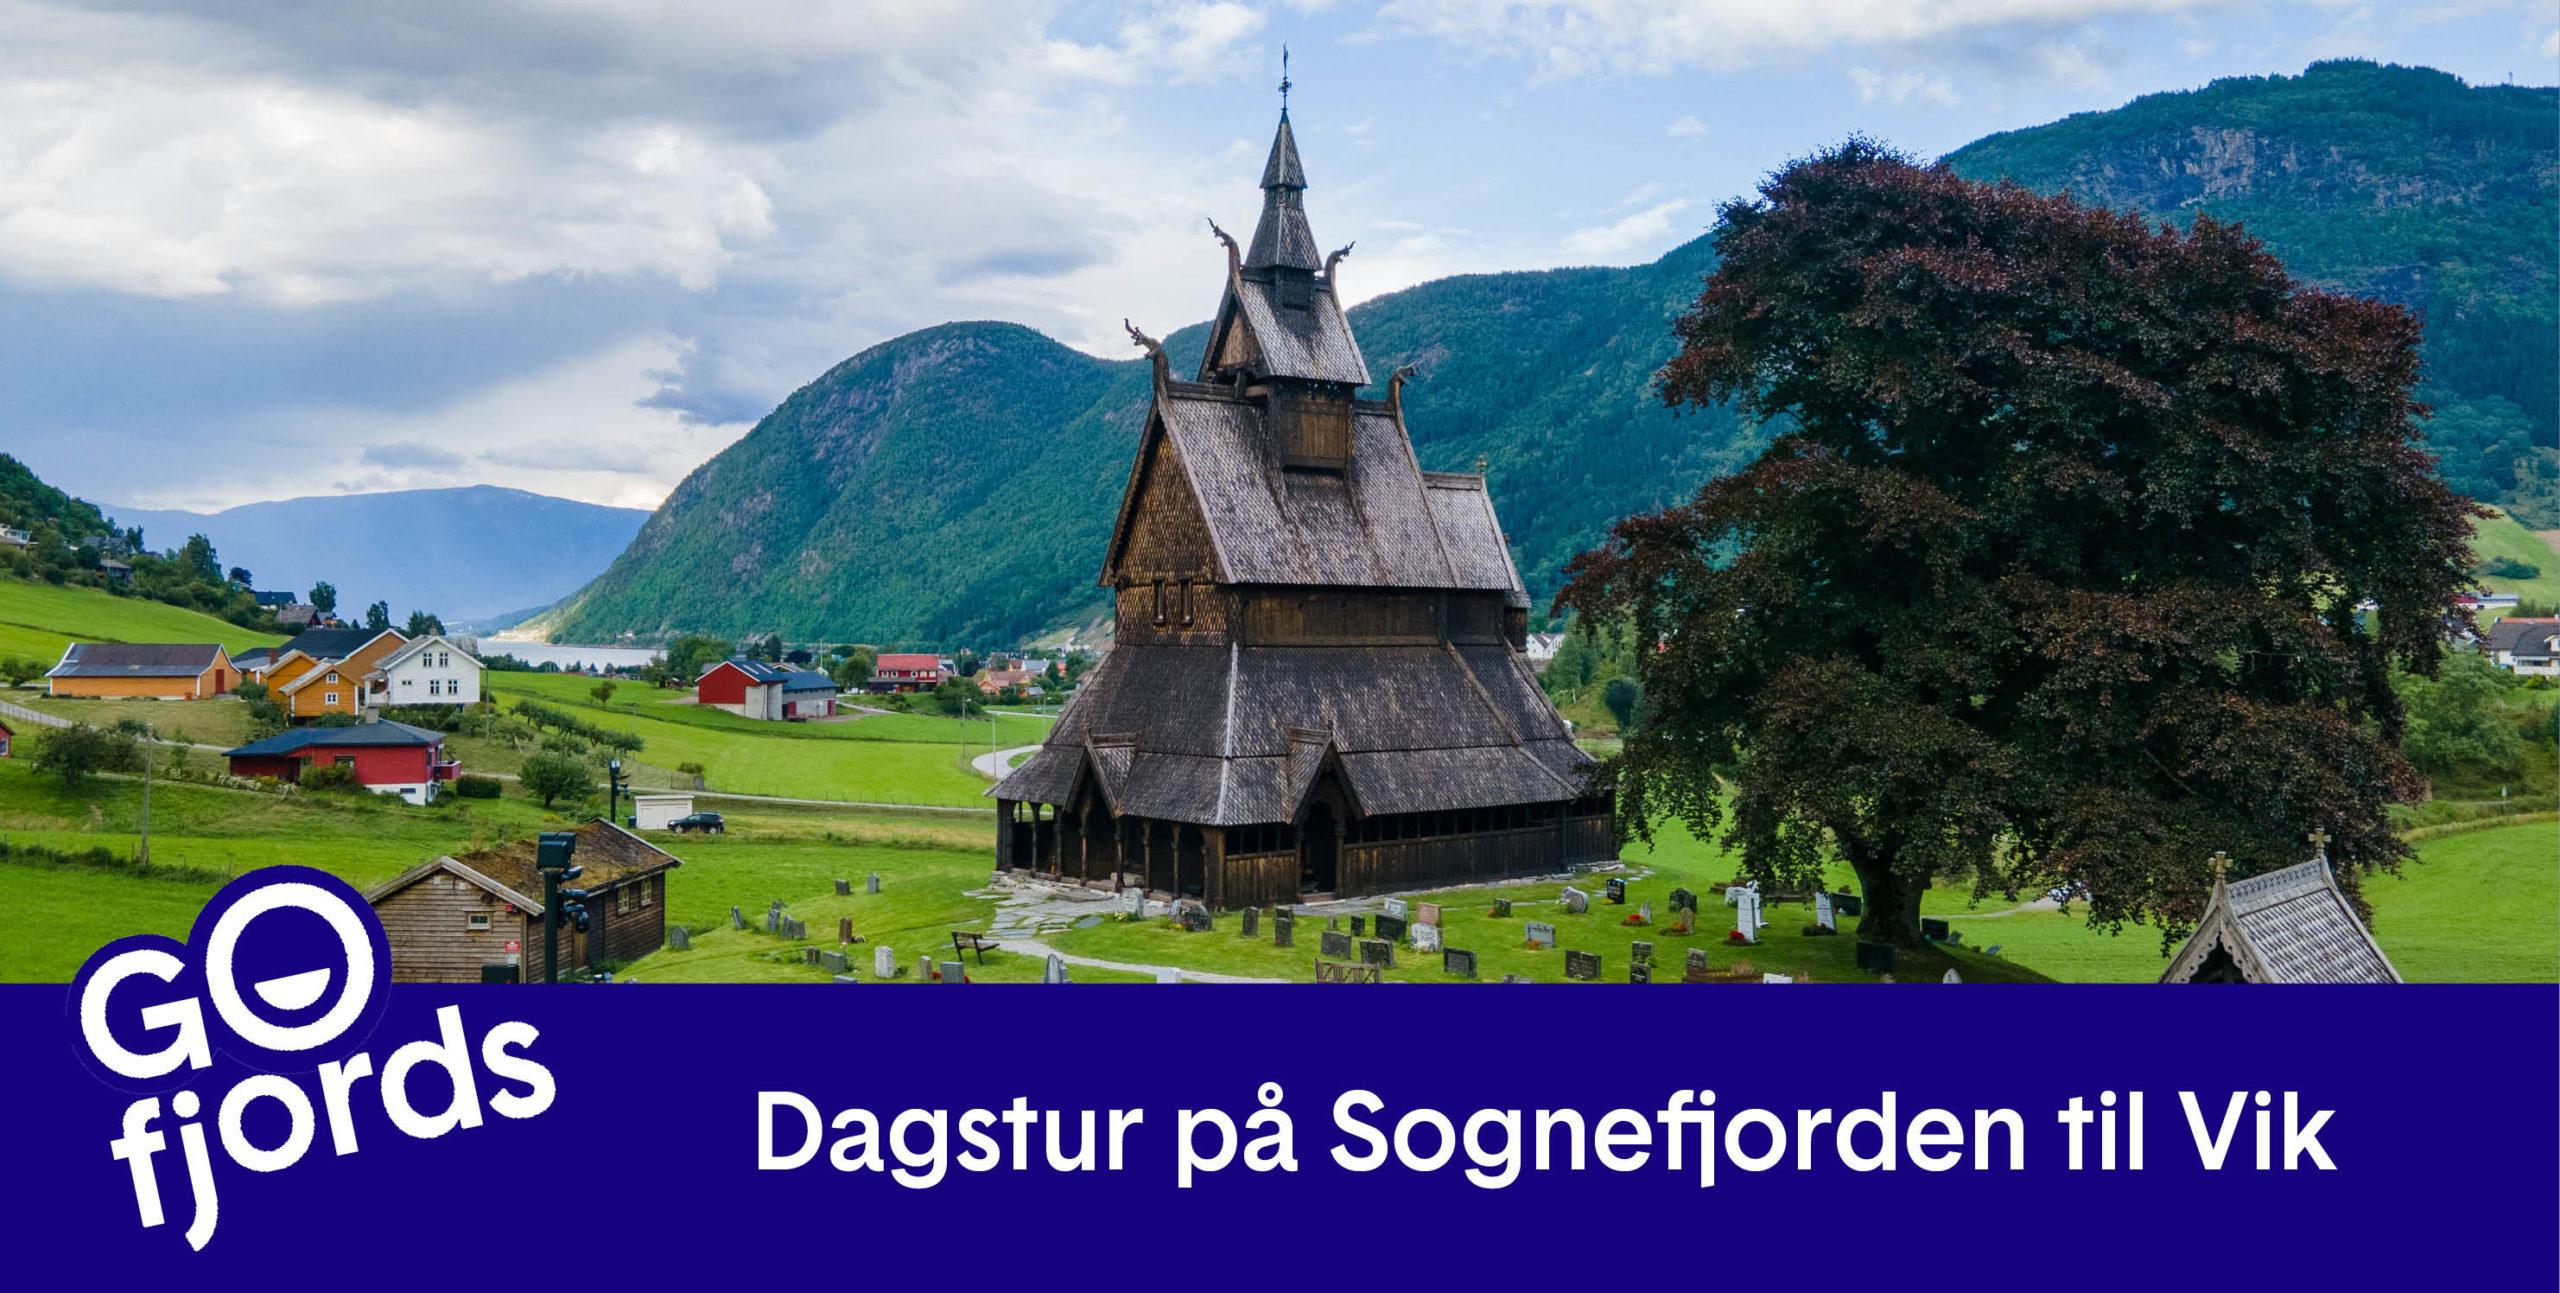 GoFjords.com - Dagstur på Sognefjorden til Vik